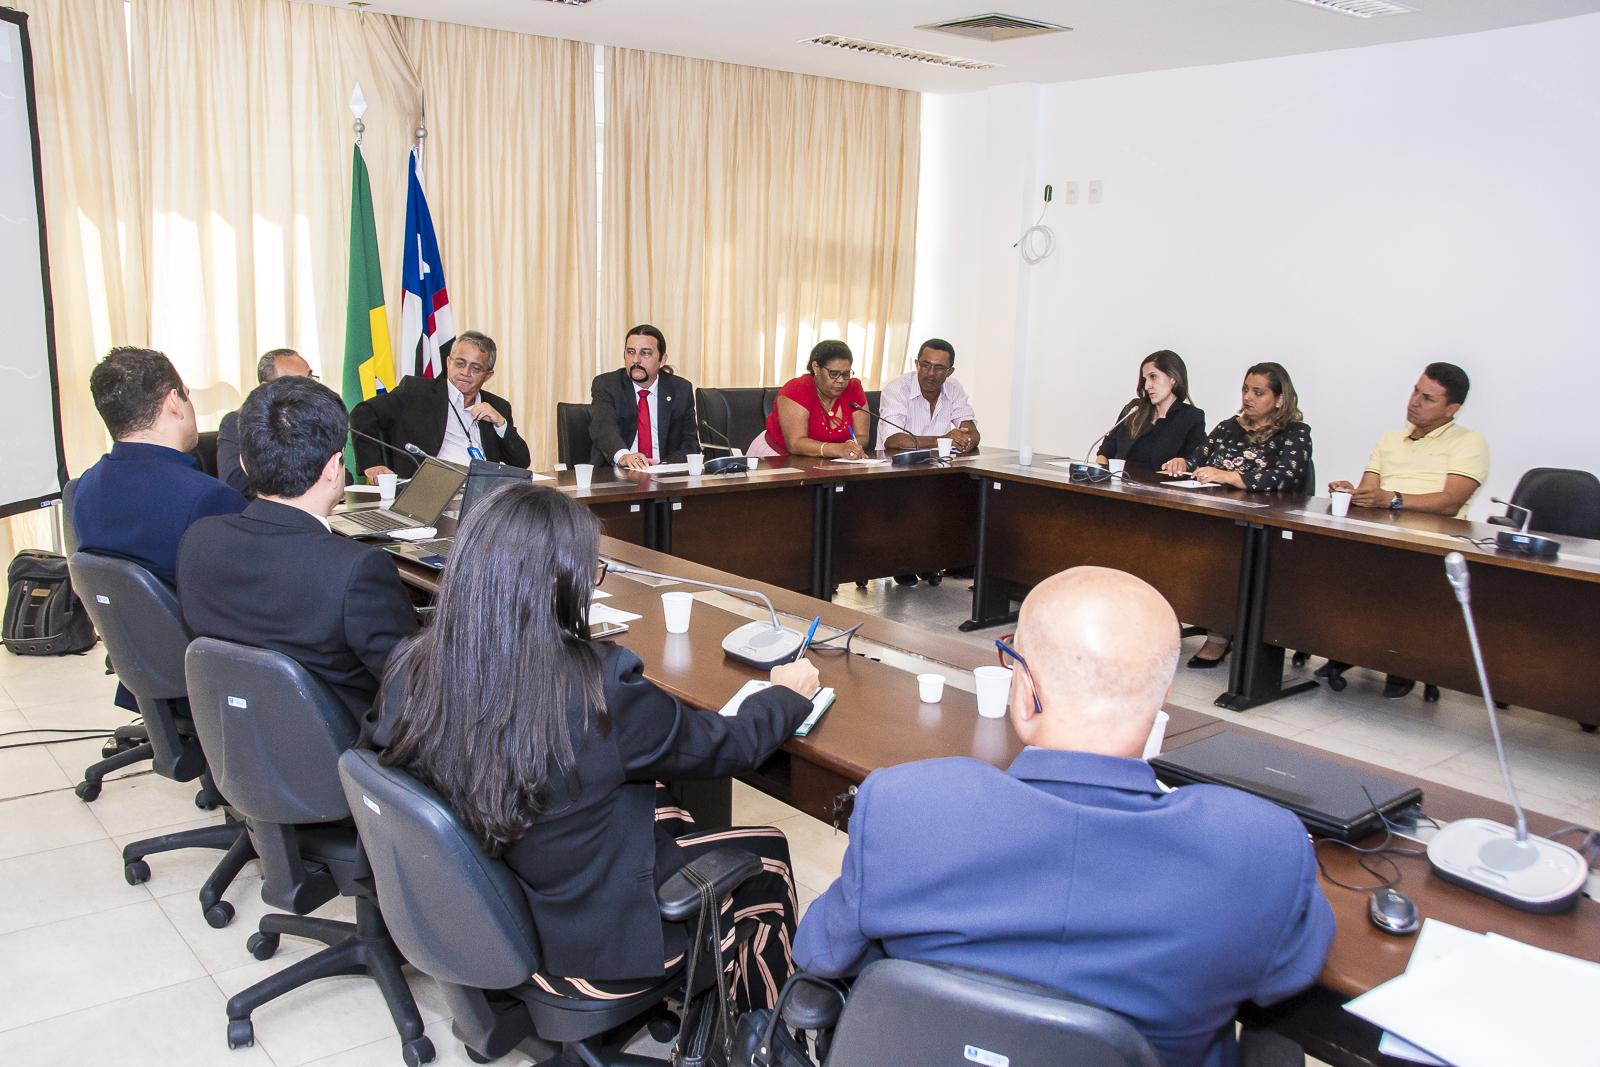 Júnior Verde coordena audiência sobre limites territoriais entre São Bento e São Vicente de Férrer